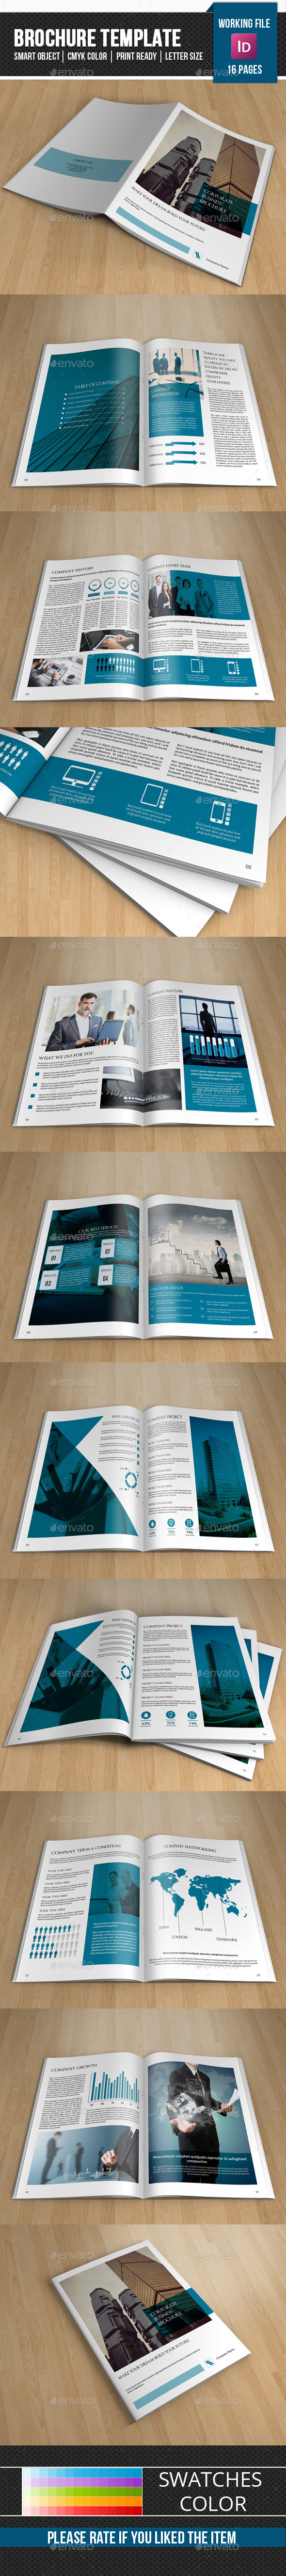 Corporate Bifold Brochure-V318 - Corporate Brochures